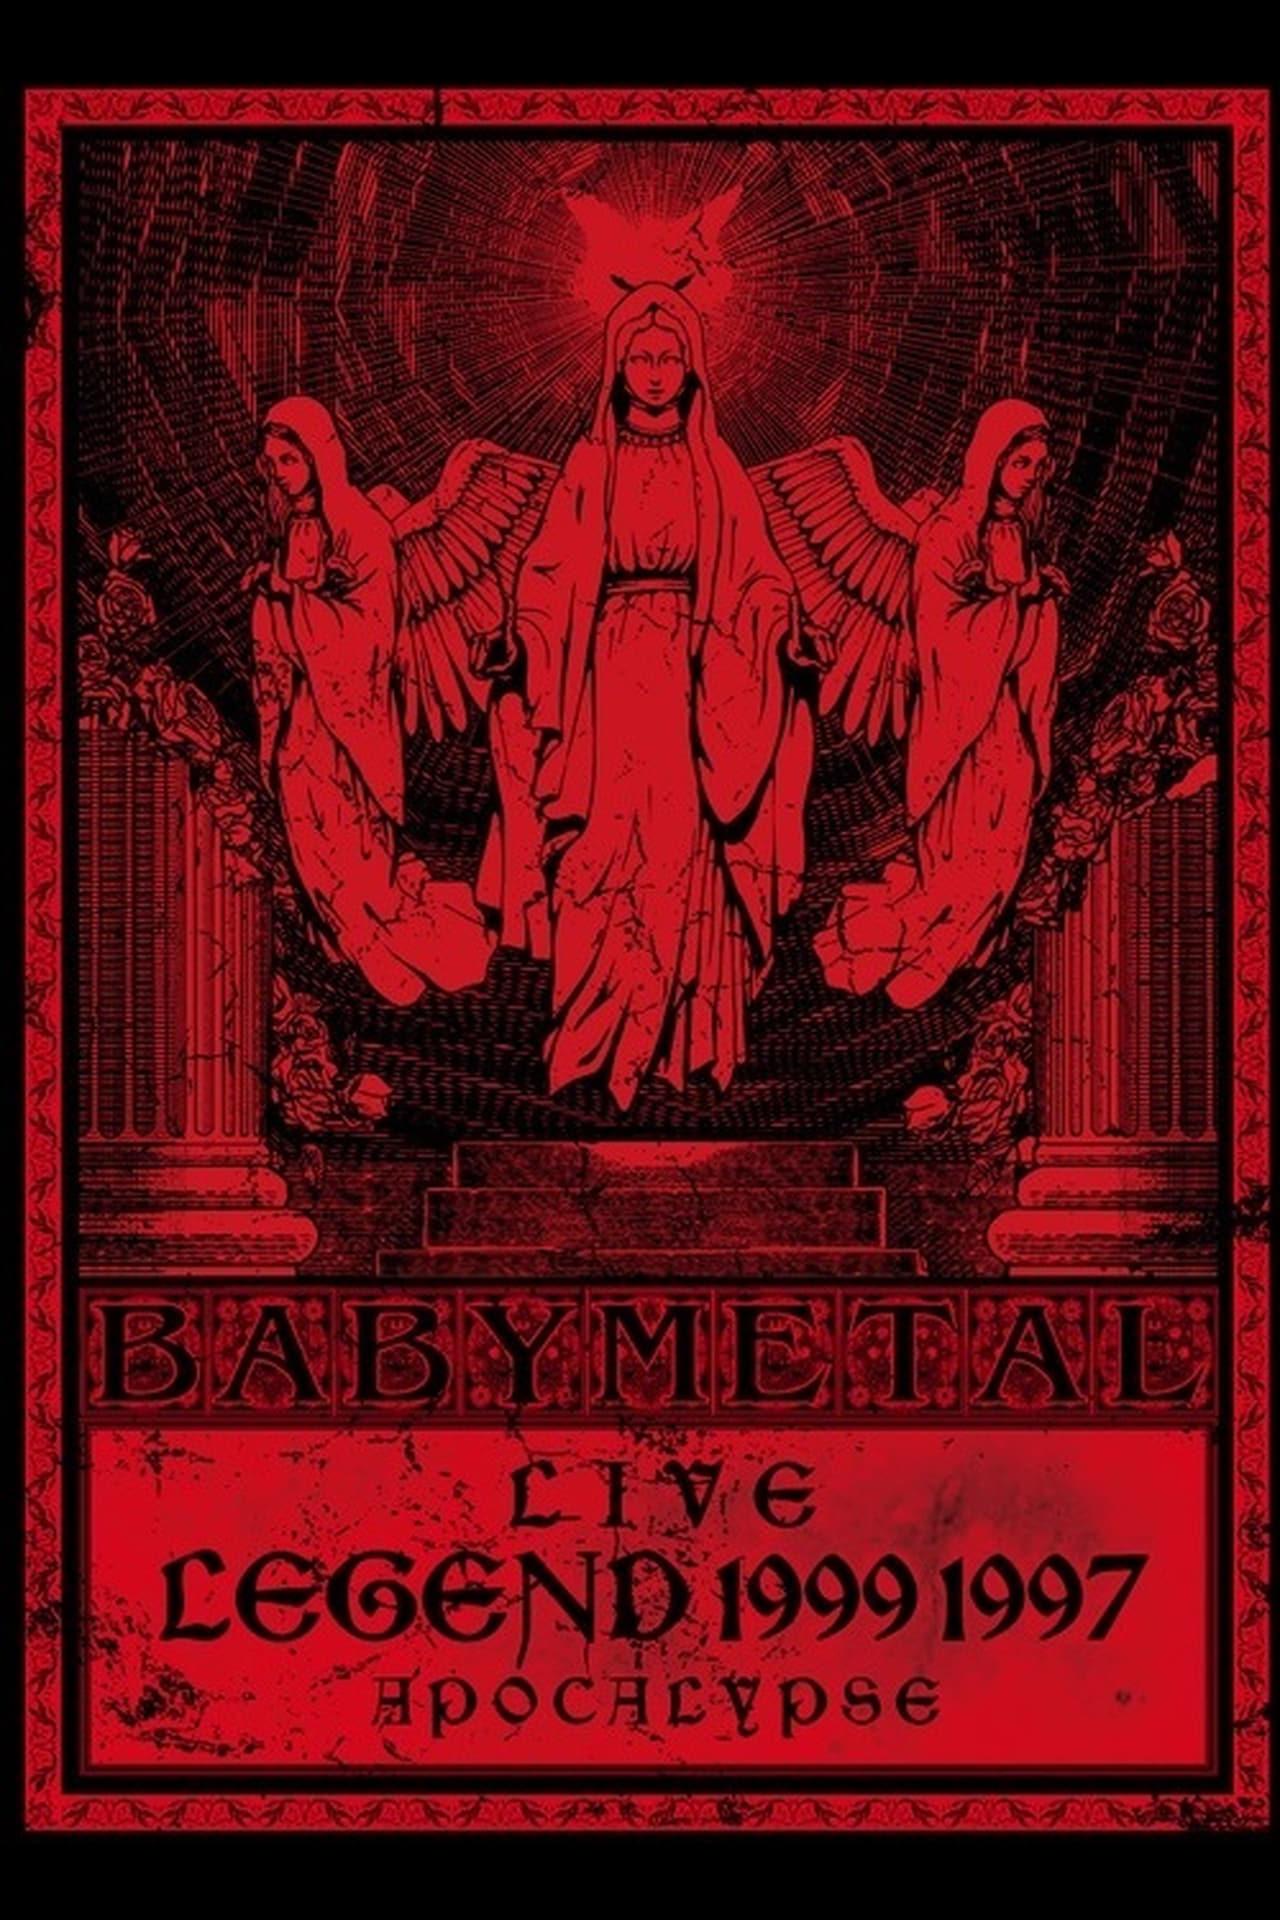 Babymetal - Live Legend 1999 Yuimetal & Moametal Seitansai